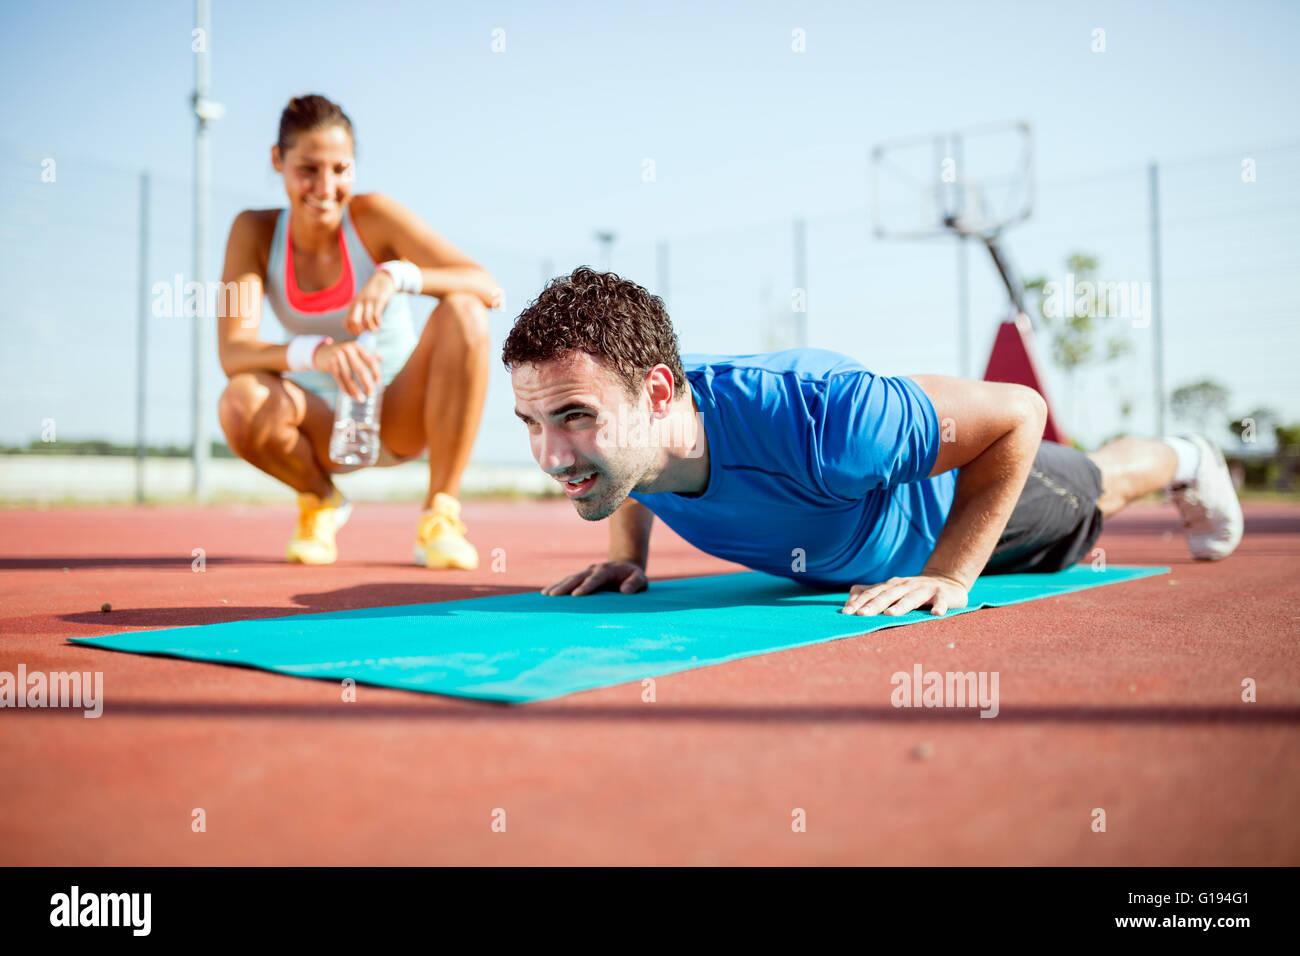 Jeune, belle, en forme et en bonne santé l'entraîneur personnel comptant push-ups et motivant Photo Stock